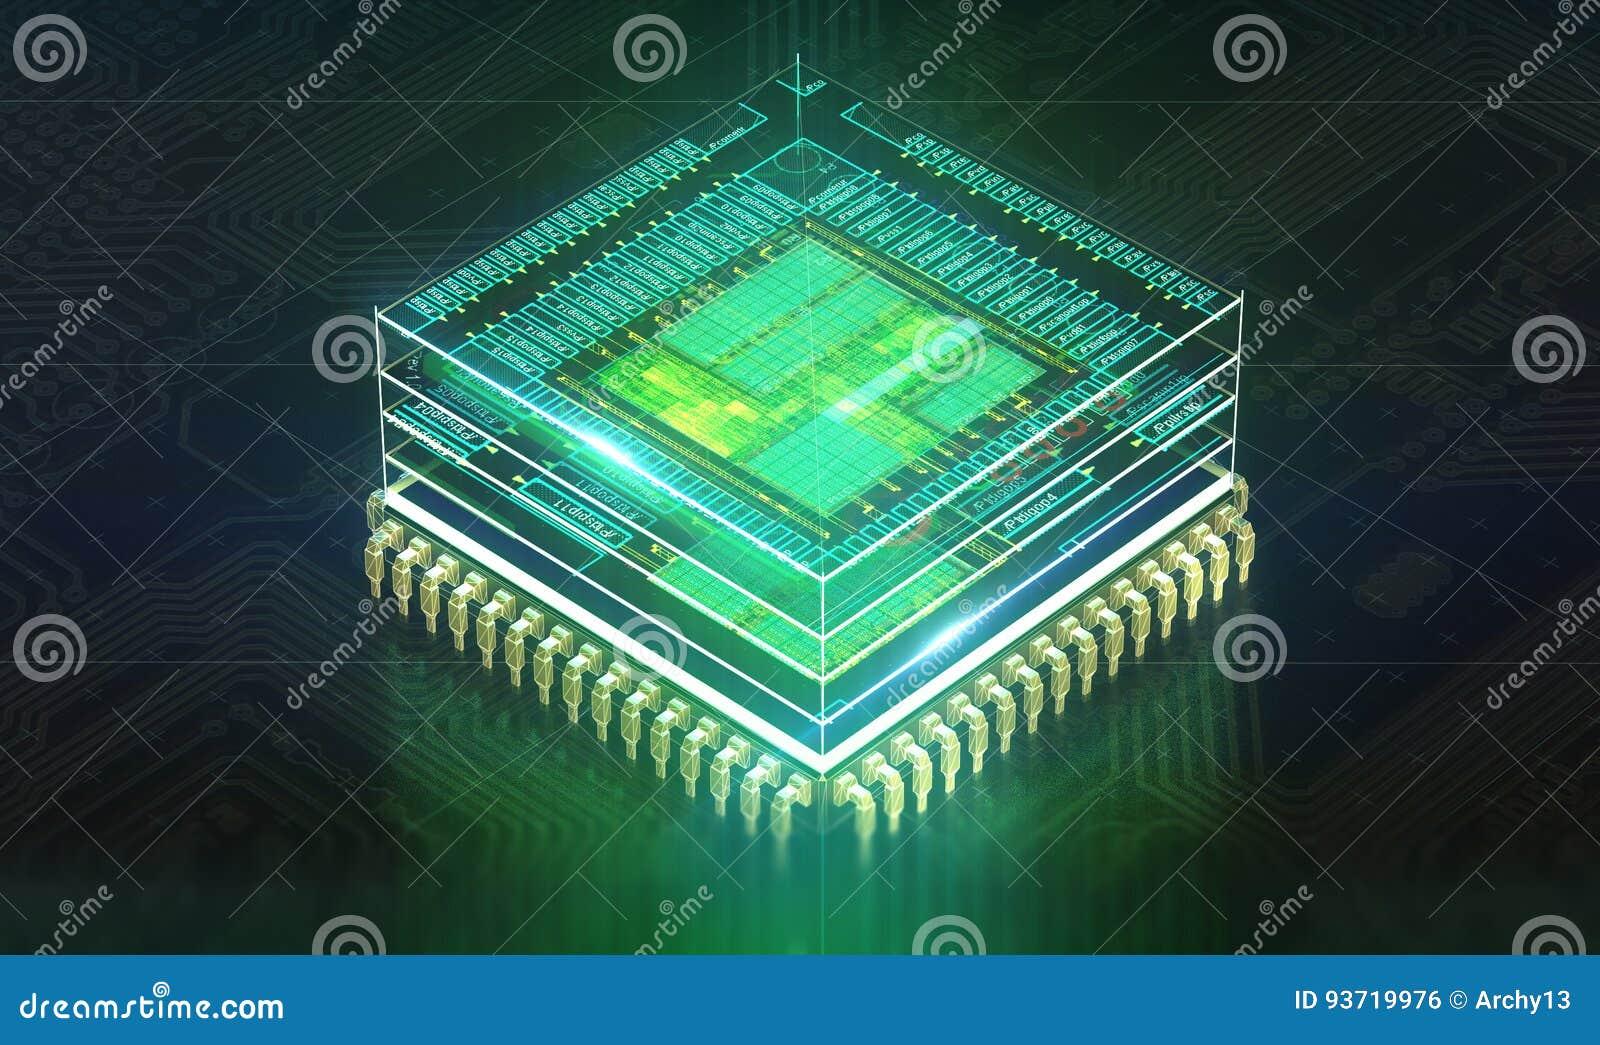 背景董事会可能巡回使用 电子计算机硬件技术 主板数字式芯片 技术科学EDA背景